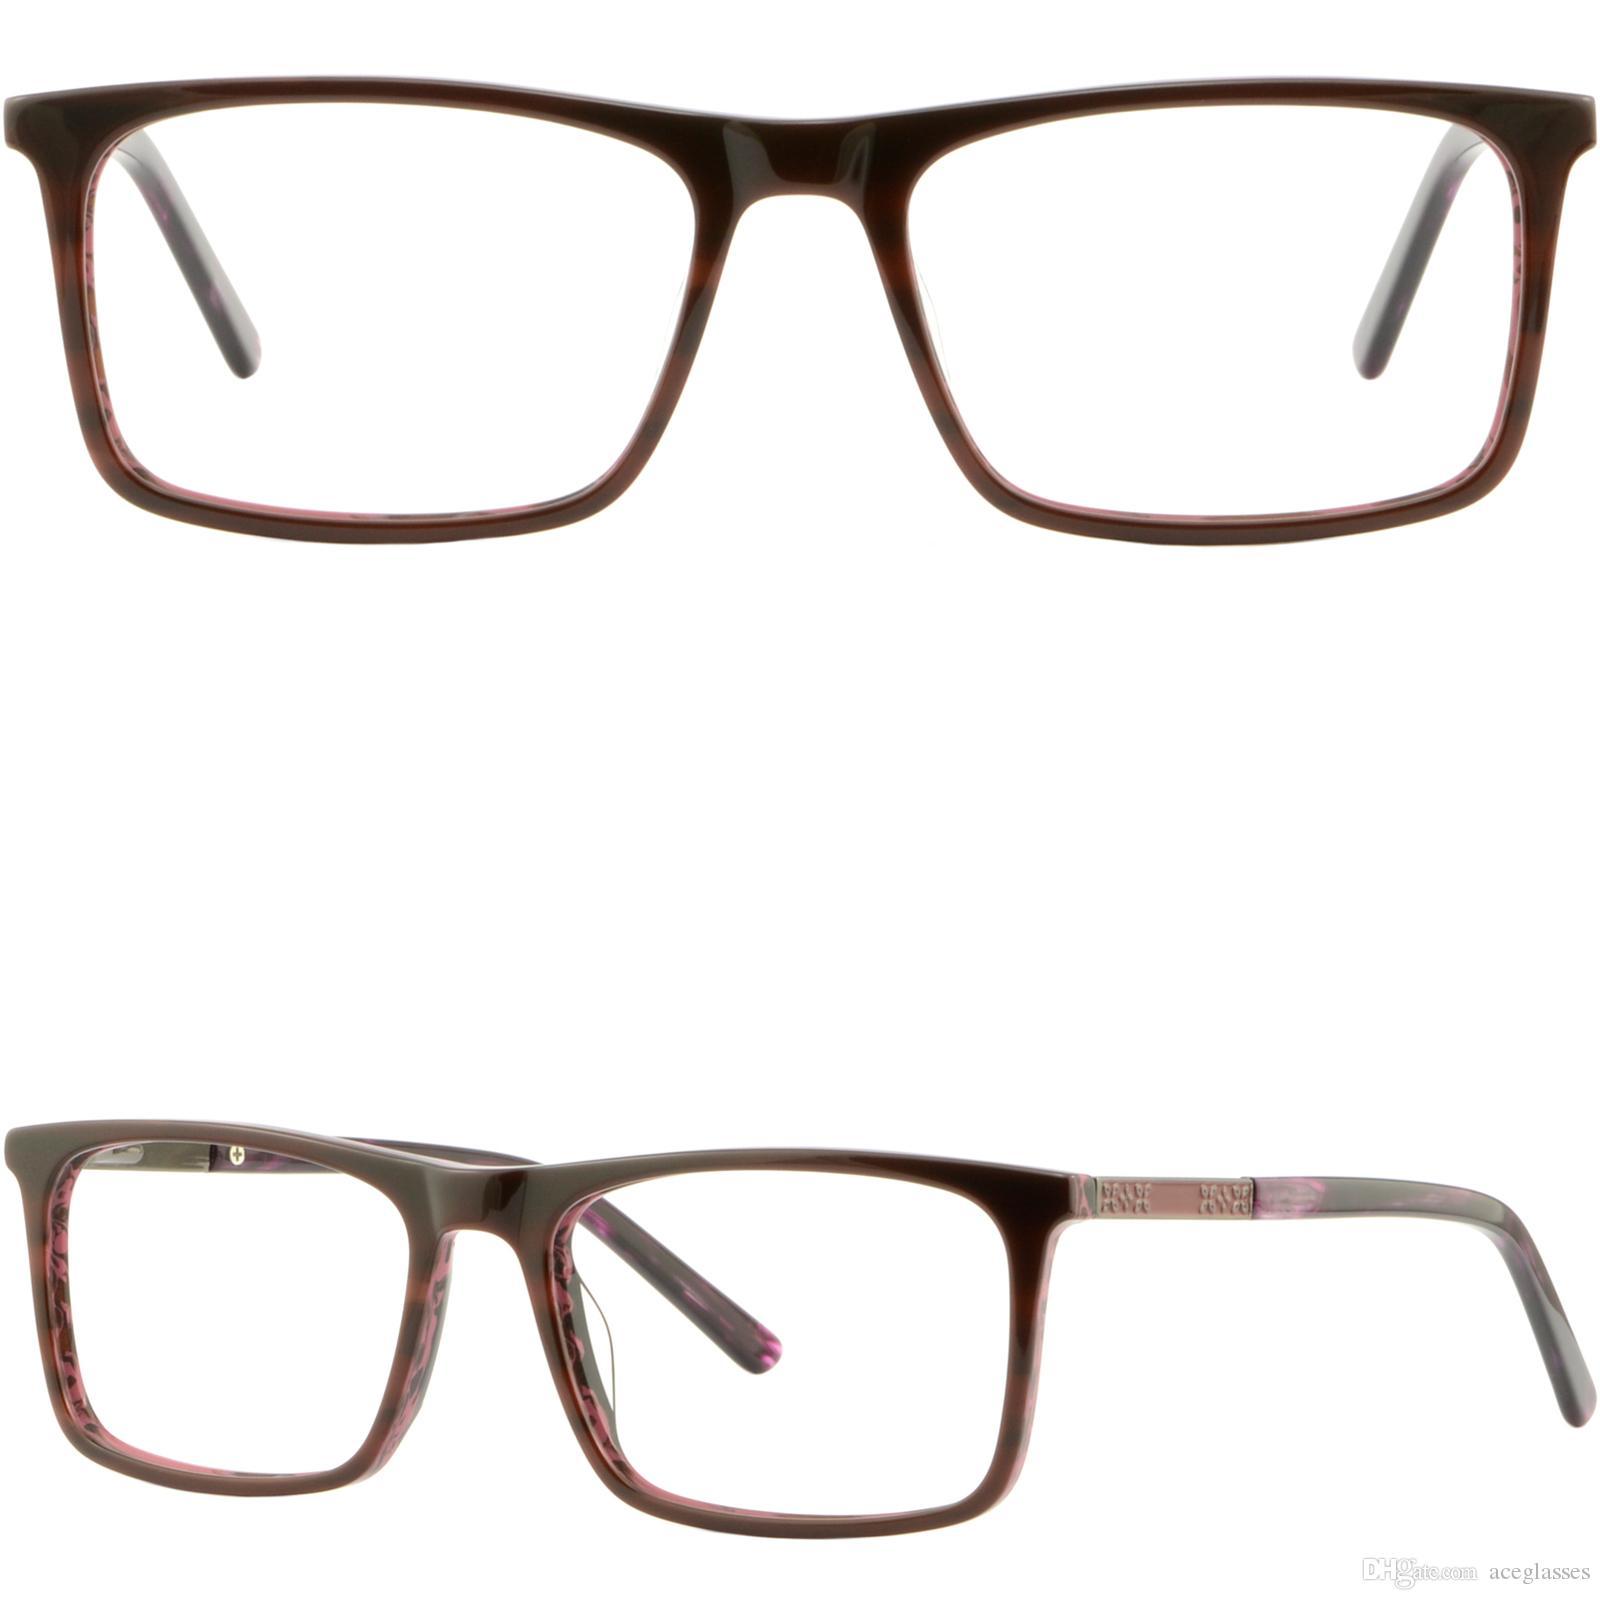 inundar incondicional Leyenda  Compre Rectángulo De Acetato De Plástico Para Mujer Marcos Anteojos  Cuadrados Gafas Bisagras De Primavera A 22,28 € Del Aceglasses | DHgate.Com